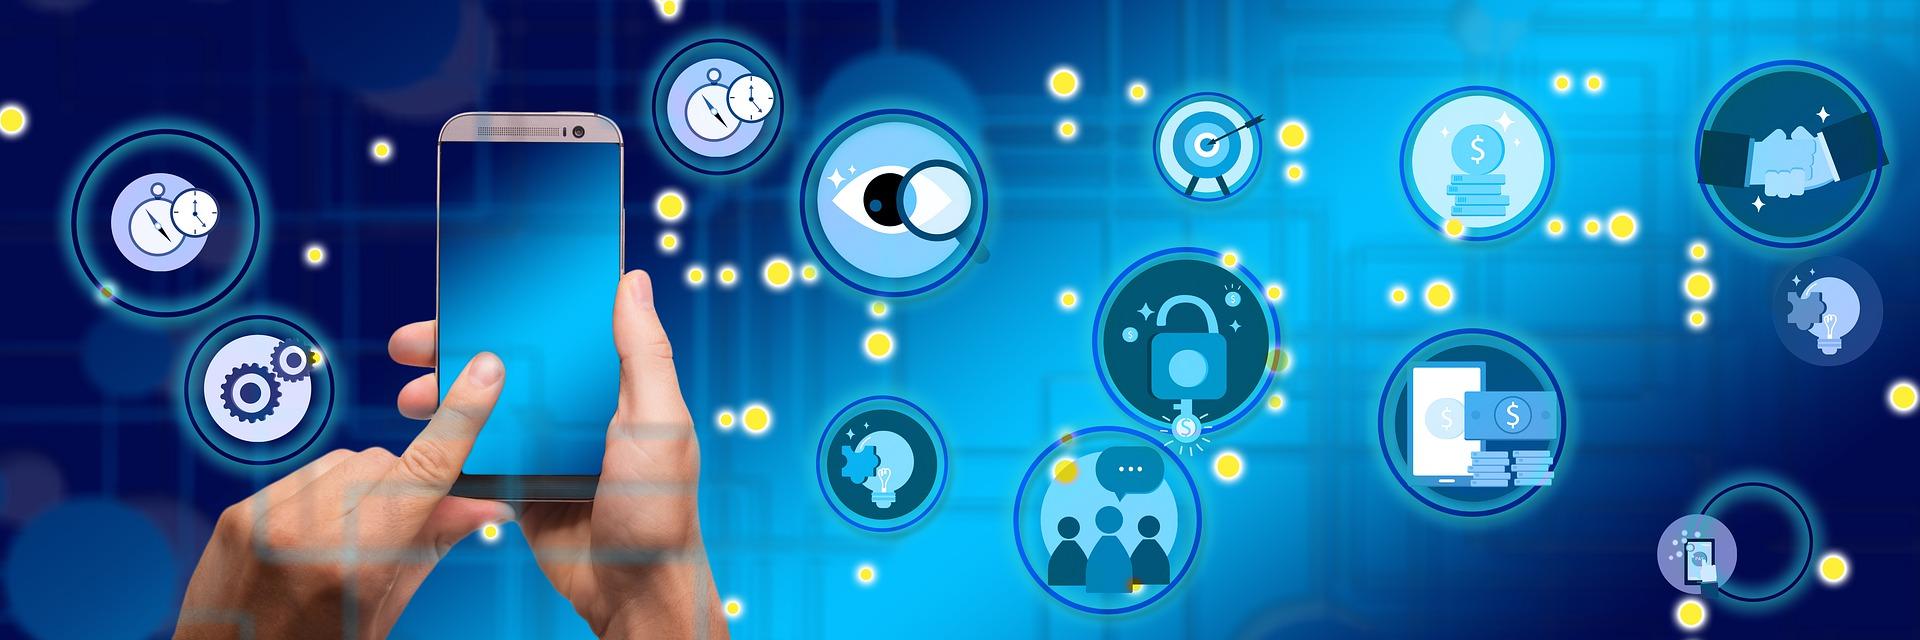 כיצד לייצר נוכחות דיגיטלית מושכלת? המדריך המקוצר